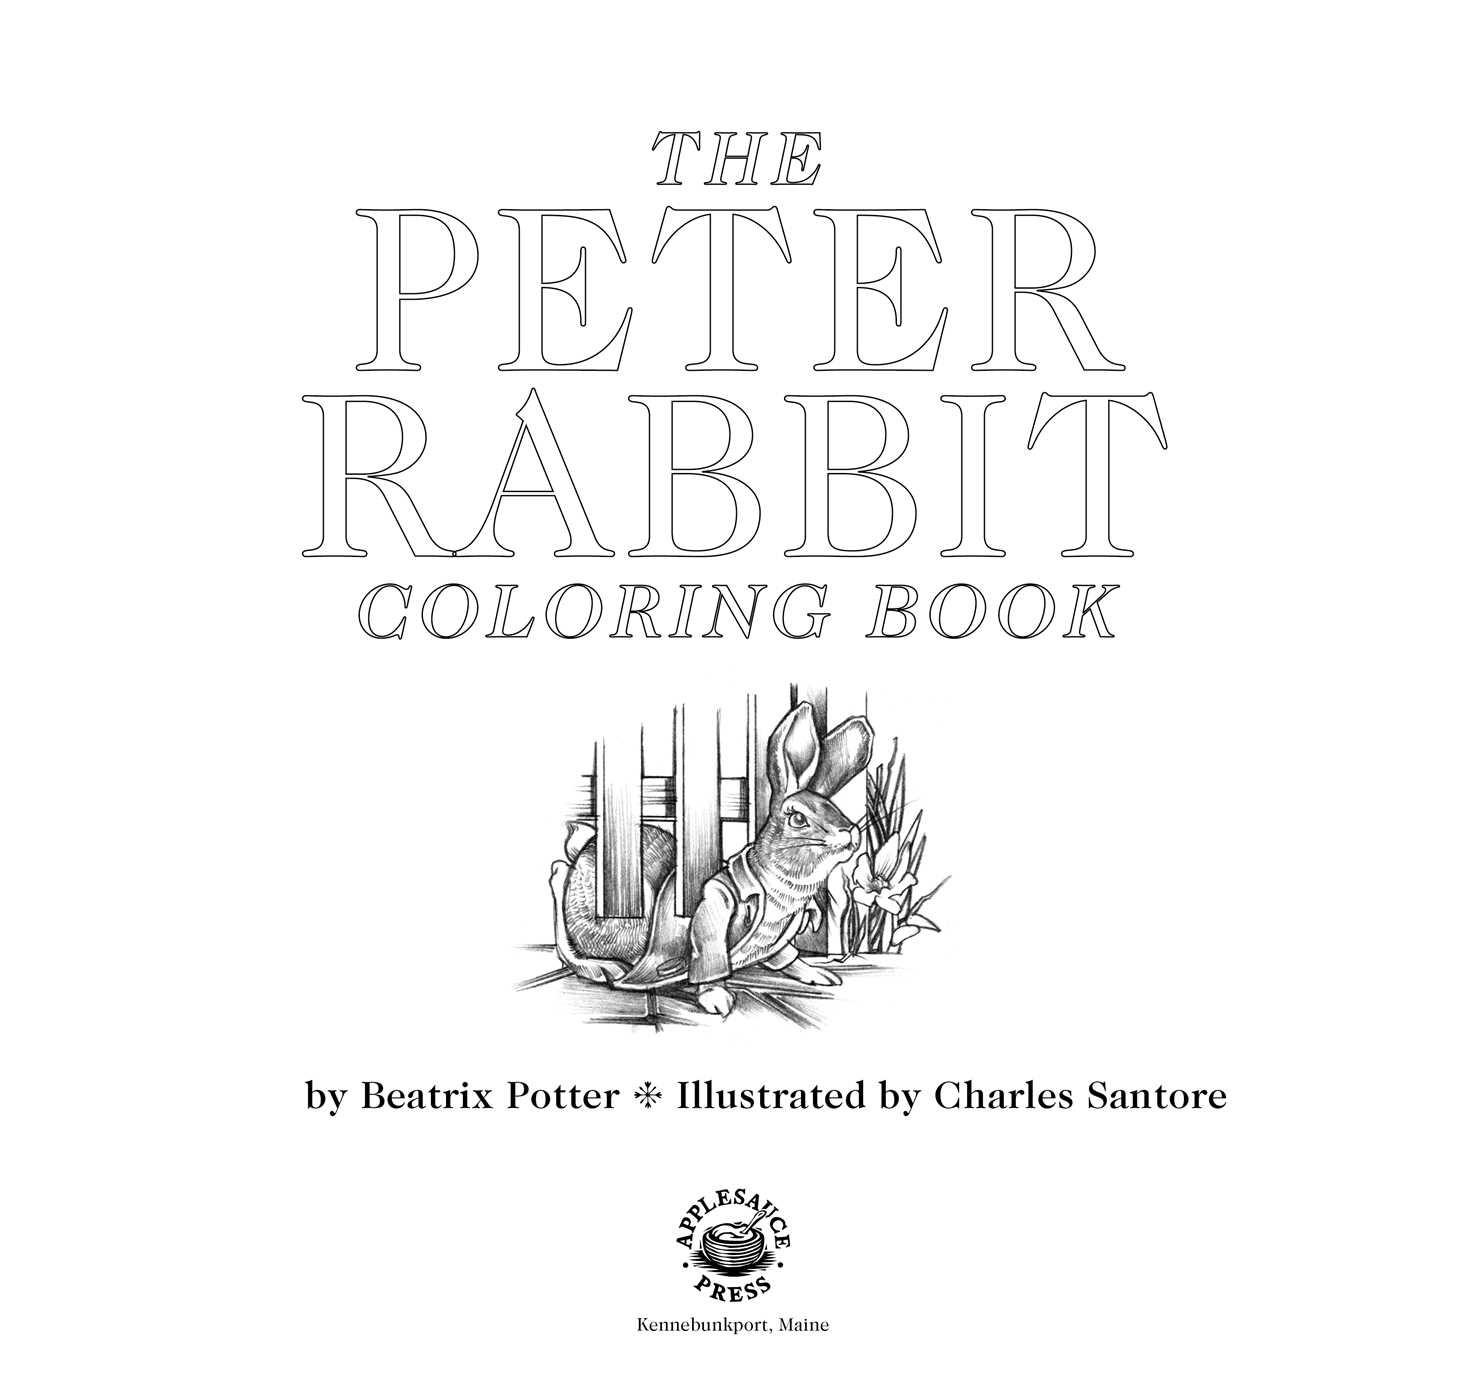 Beatrix Potter Coloring Book